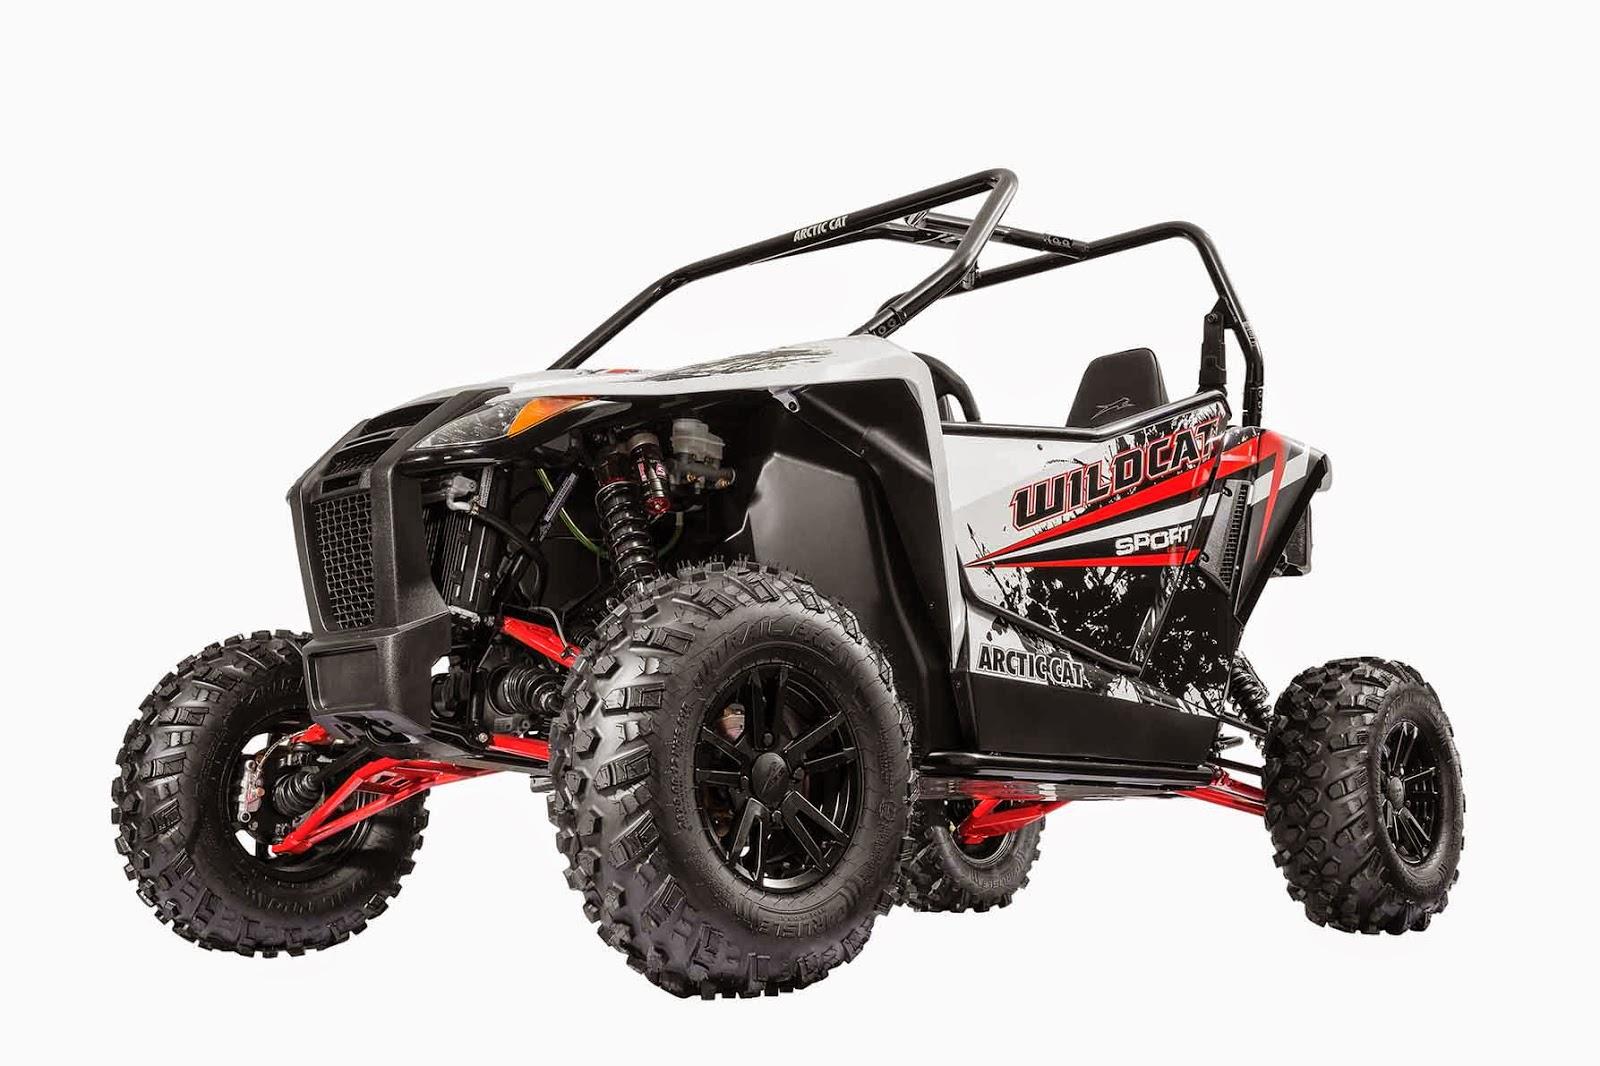 2015 Wildcat 700 Sport